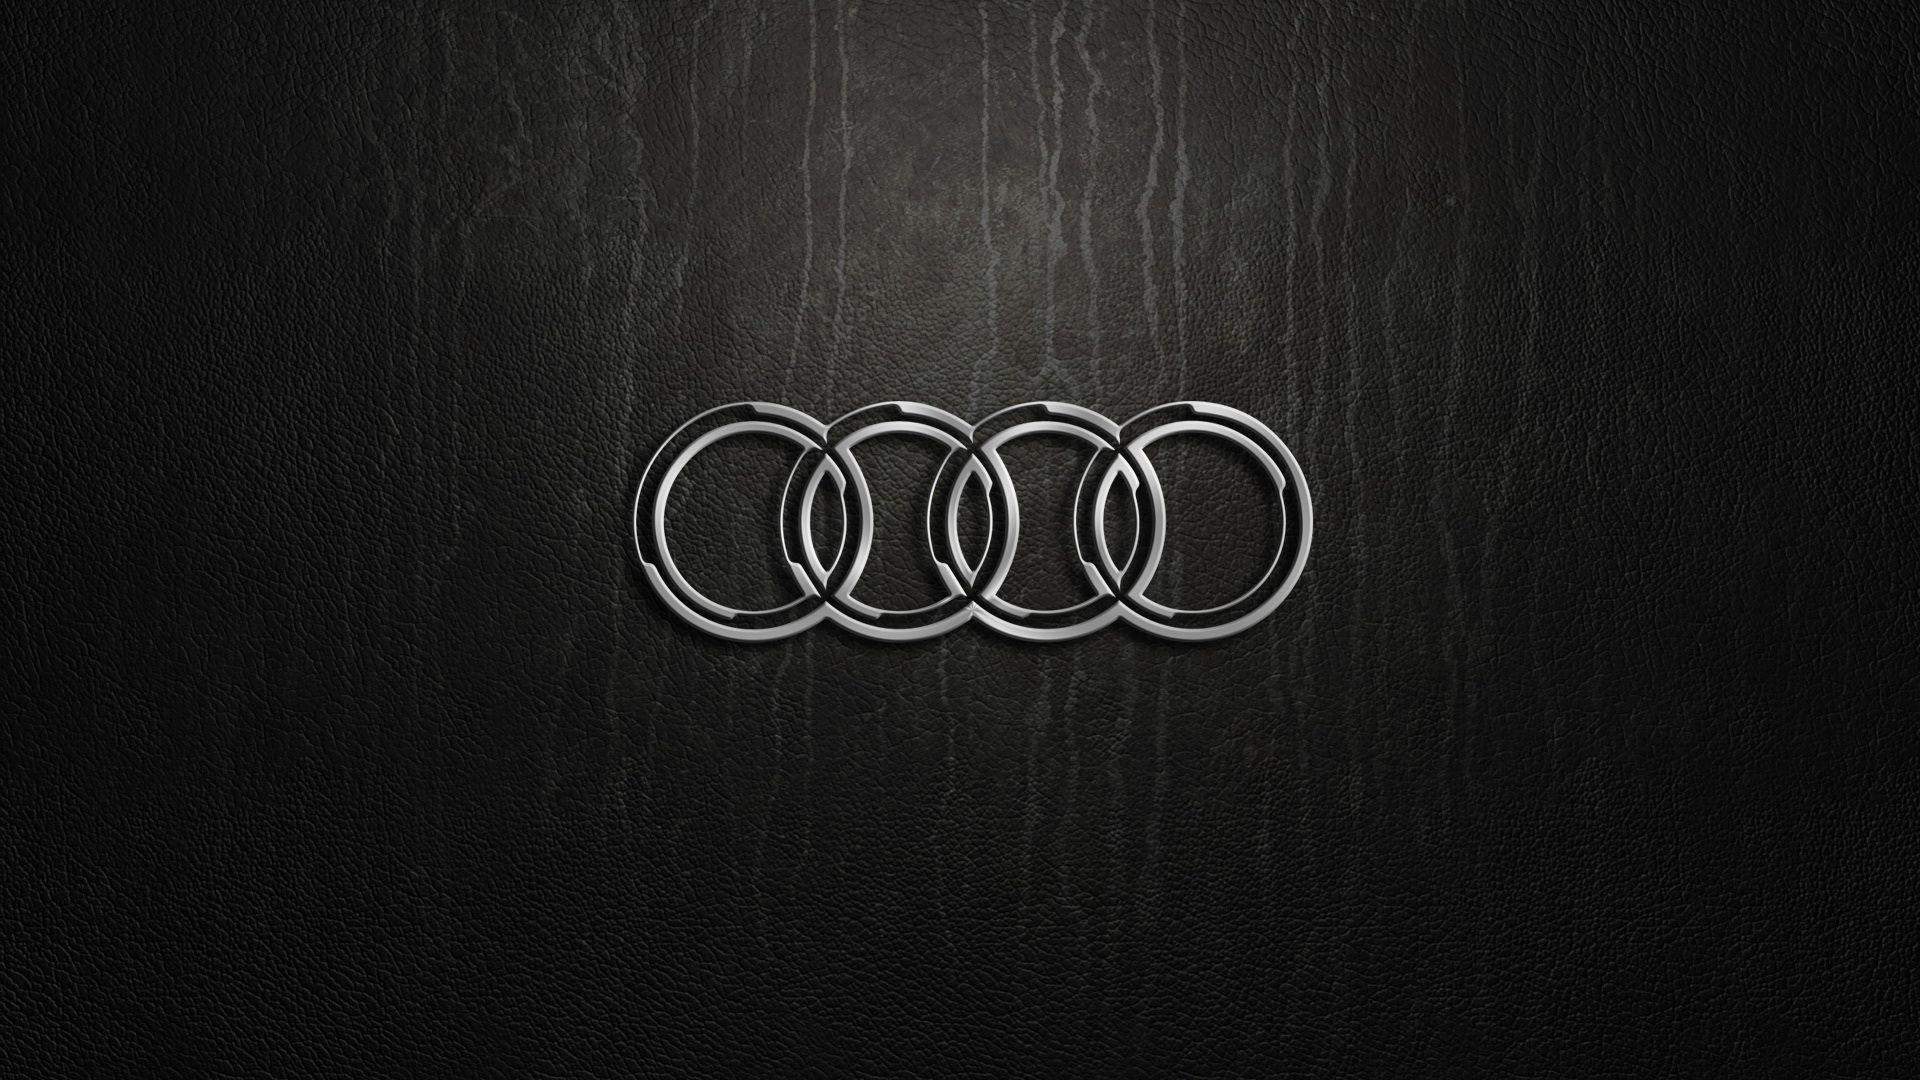 Audi Logo Wallpaper For Iphone Audi Logo Wallpapers Audi Audi Logo